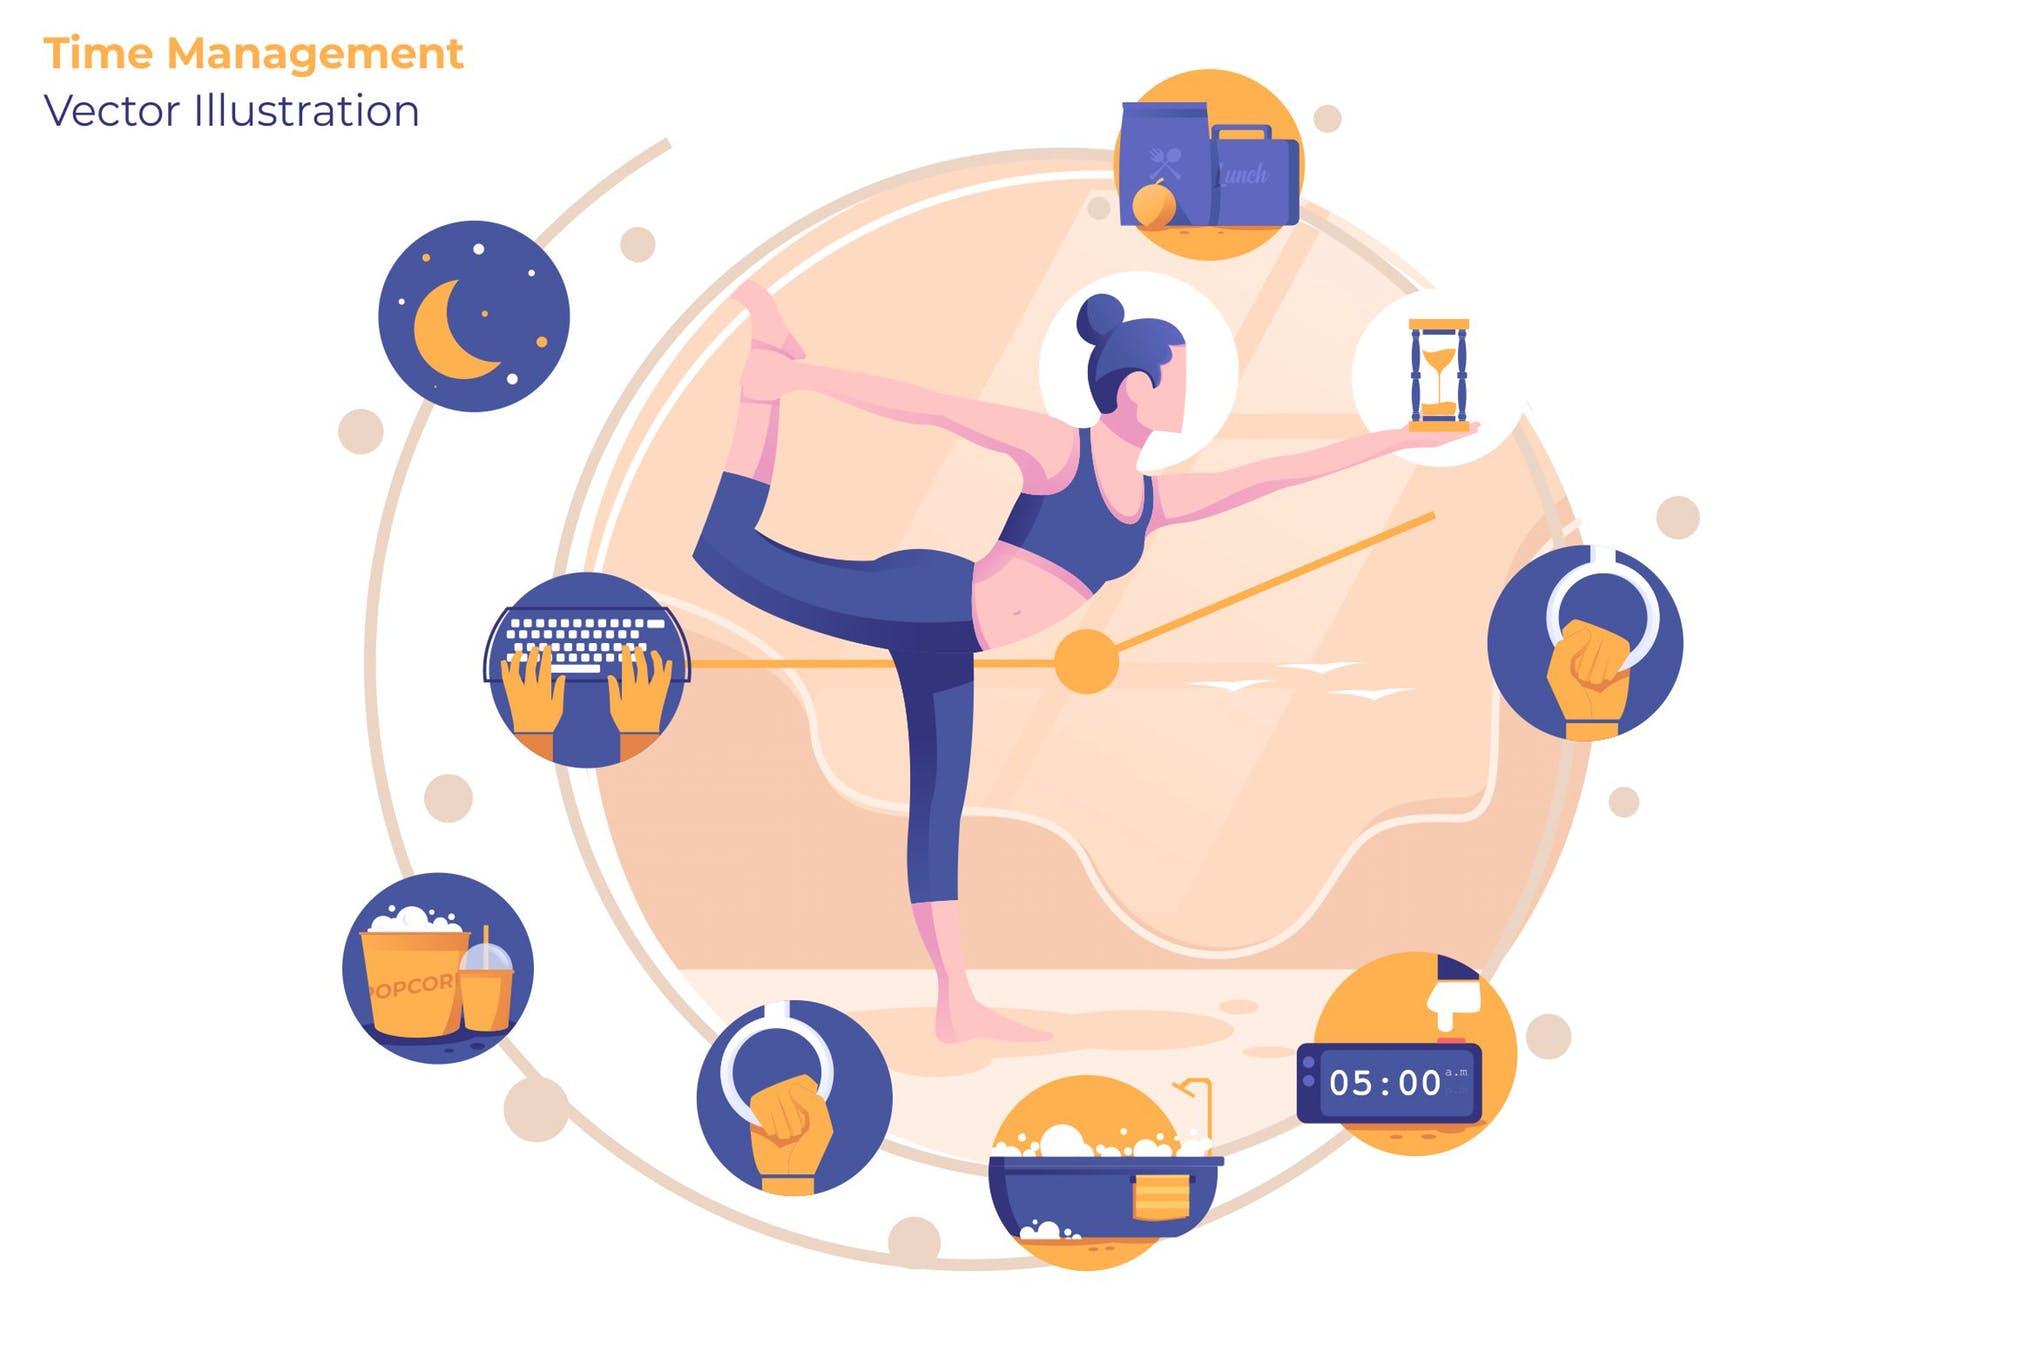 时间规划安排场景插画素材下载Time Management - Vector Illustration